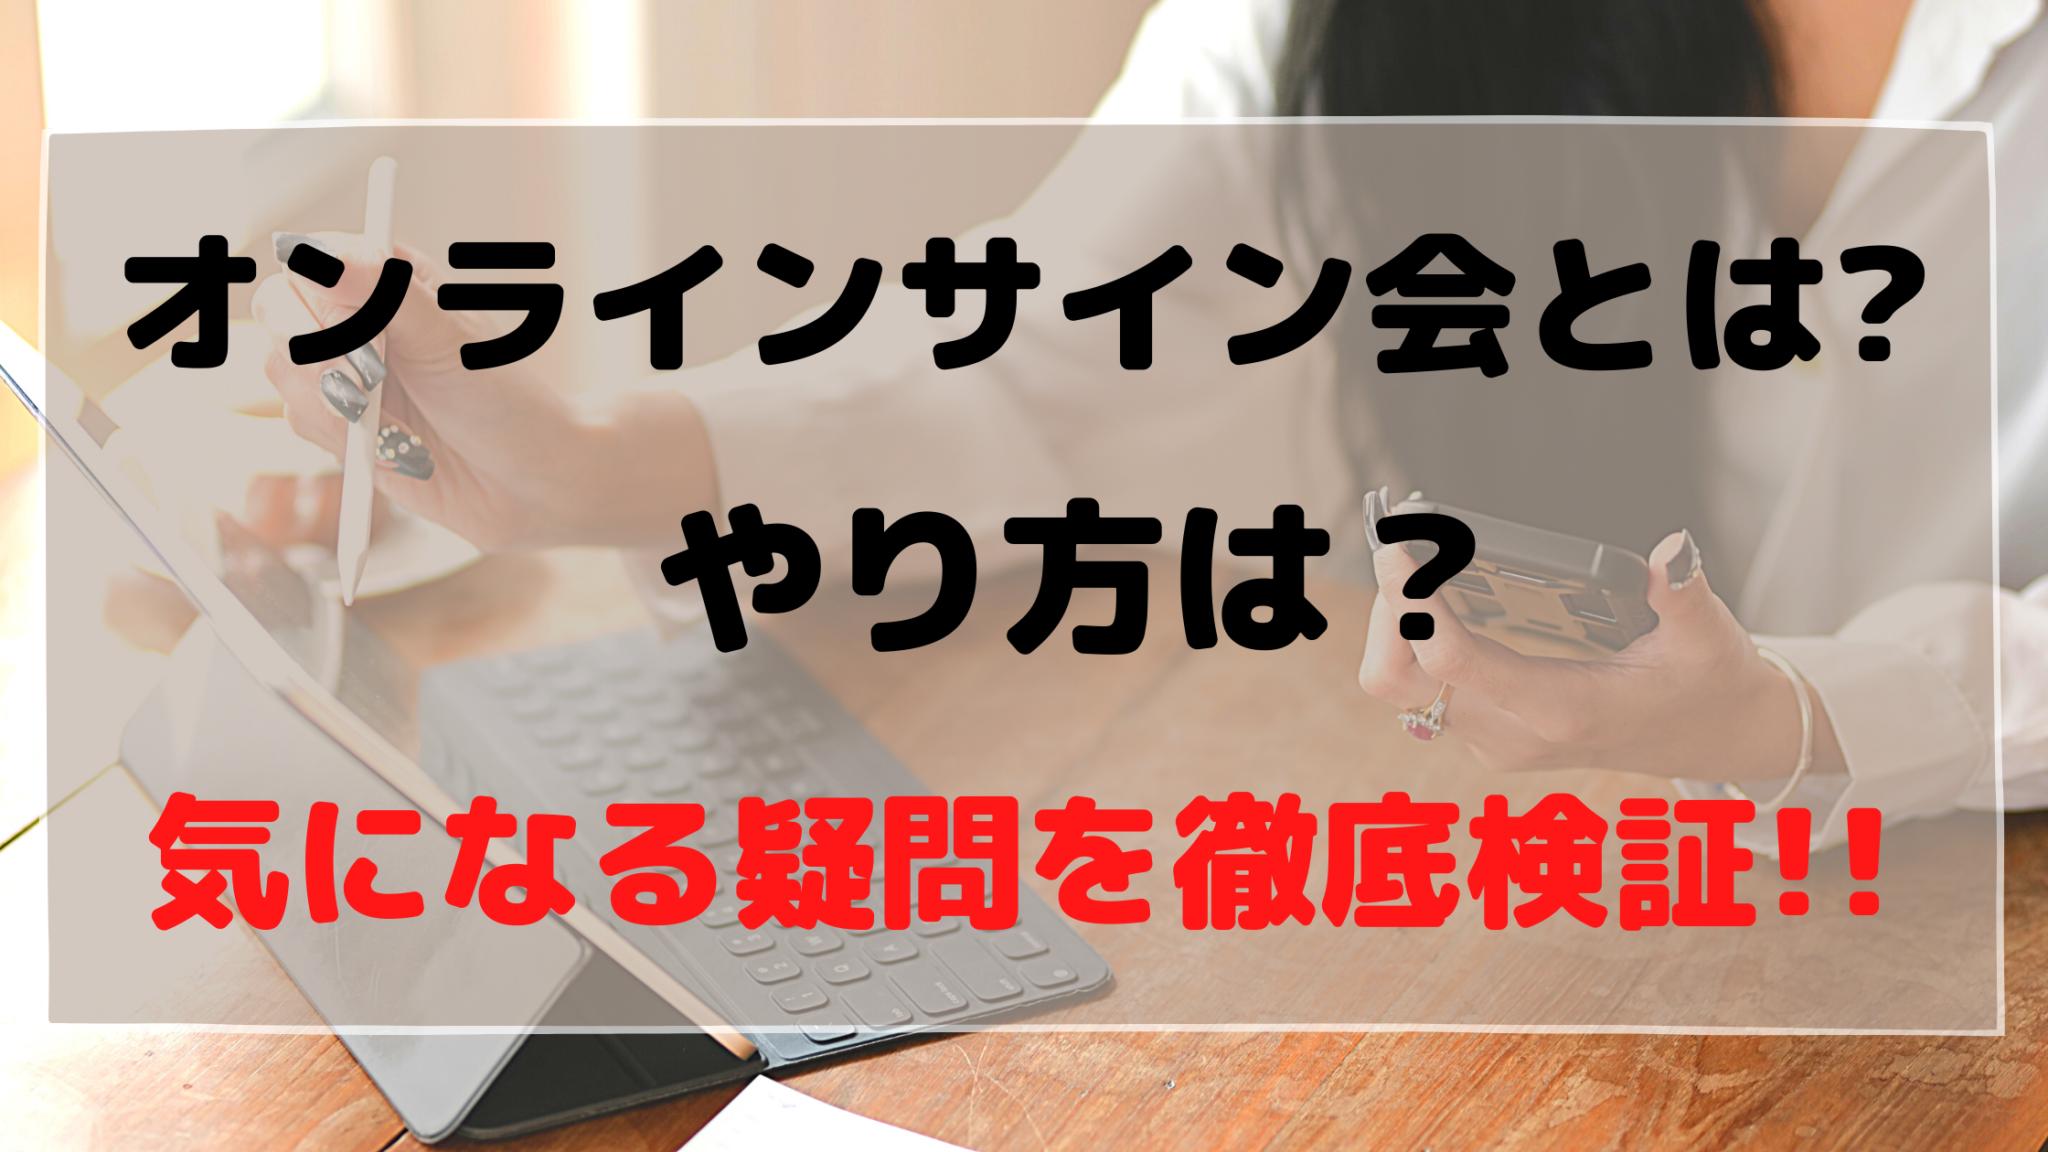 会 オンライン と は サイン 松井玲奈さん オンラインサイン会